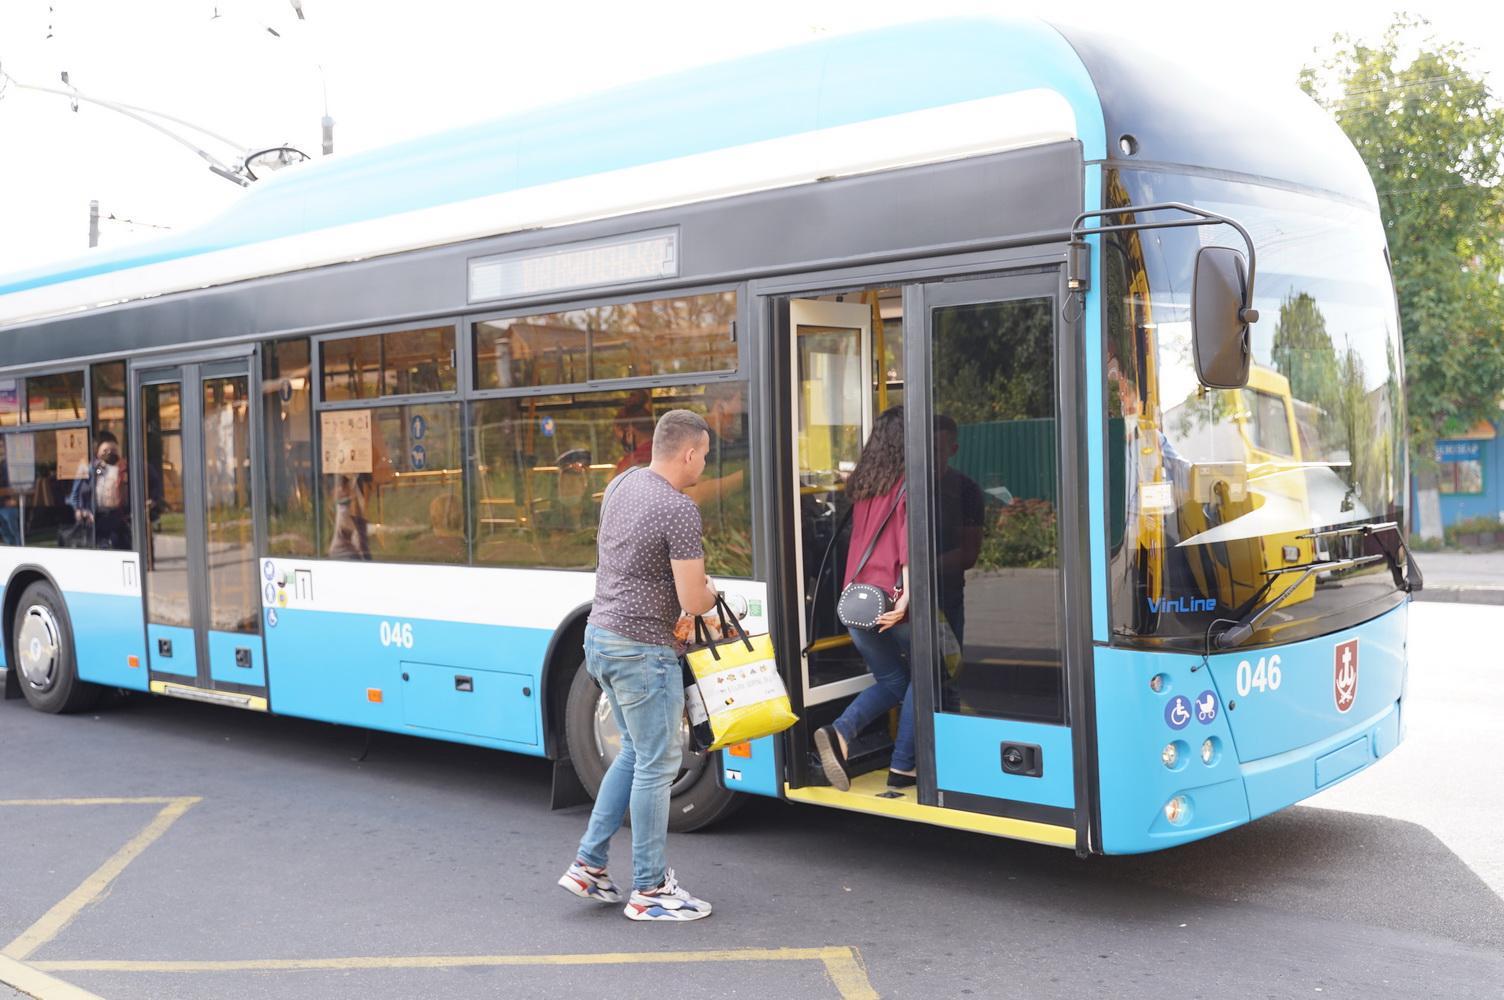 """У Вінниці тестують тролейбус """"VinLine"""" з автономним ходом (Фото)"""